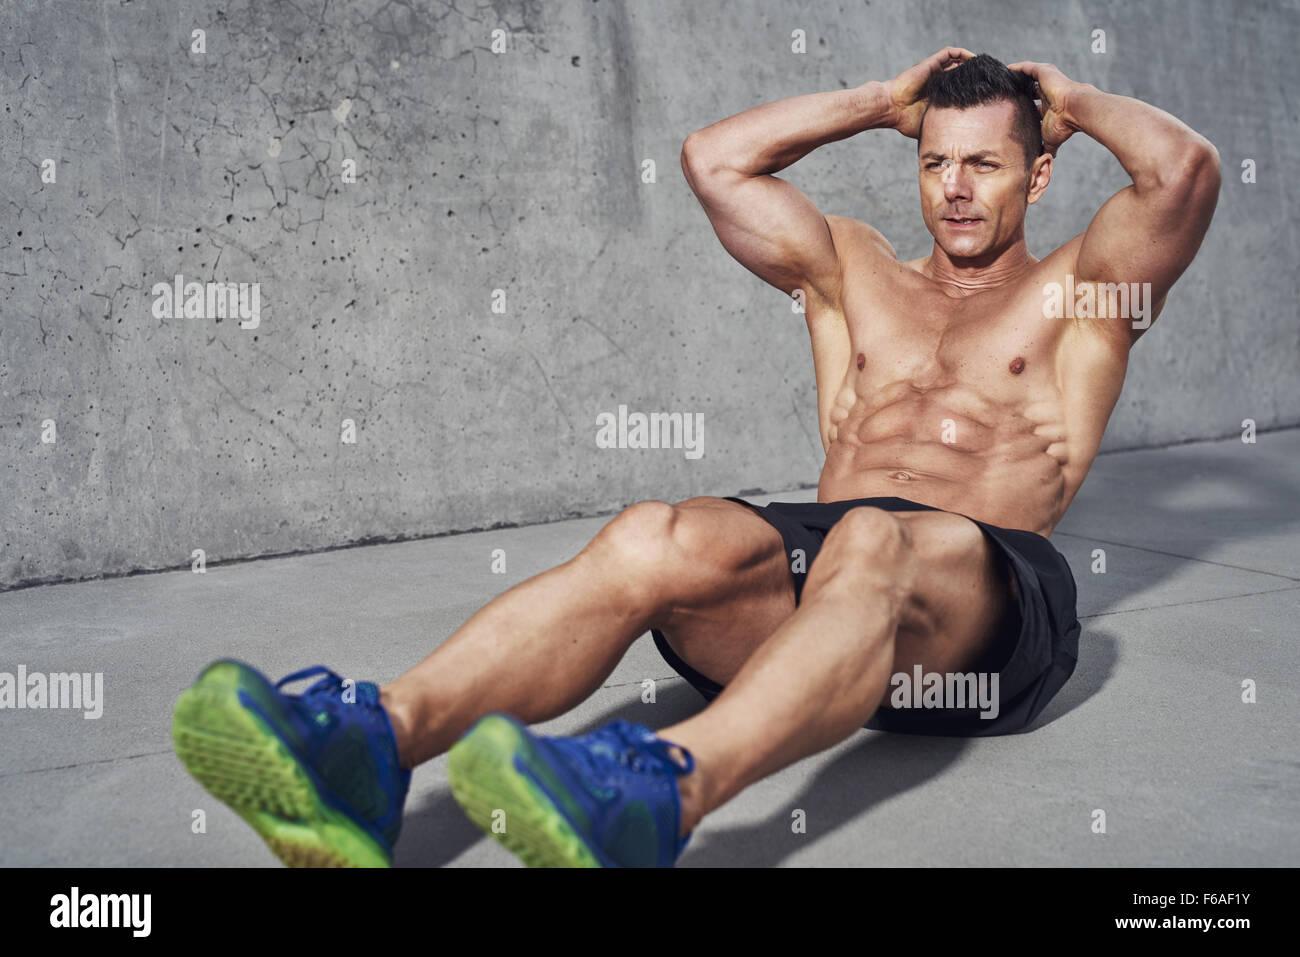 Maschio modello fitness facendo sit ups e sgranocchia allenamento dei muscoli addominali, six pack visibile e non Immagini Stock